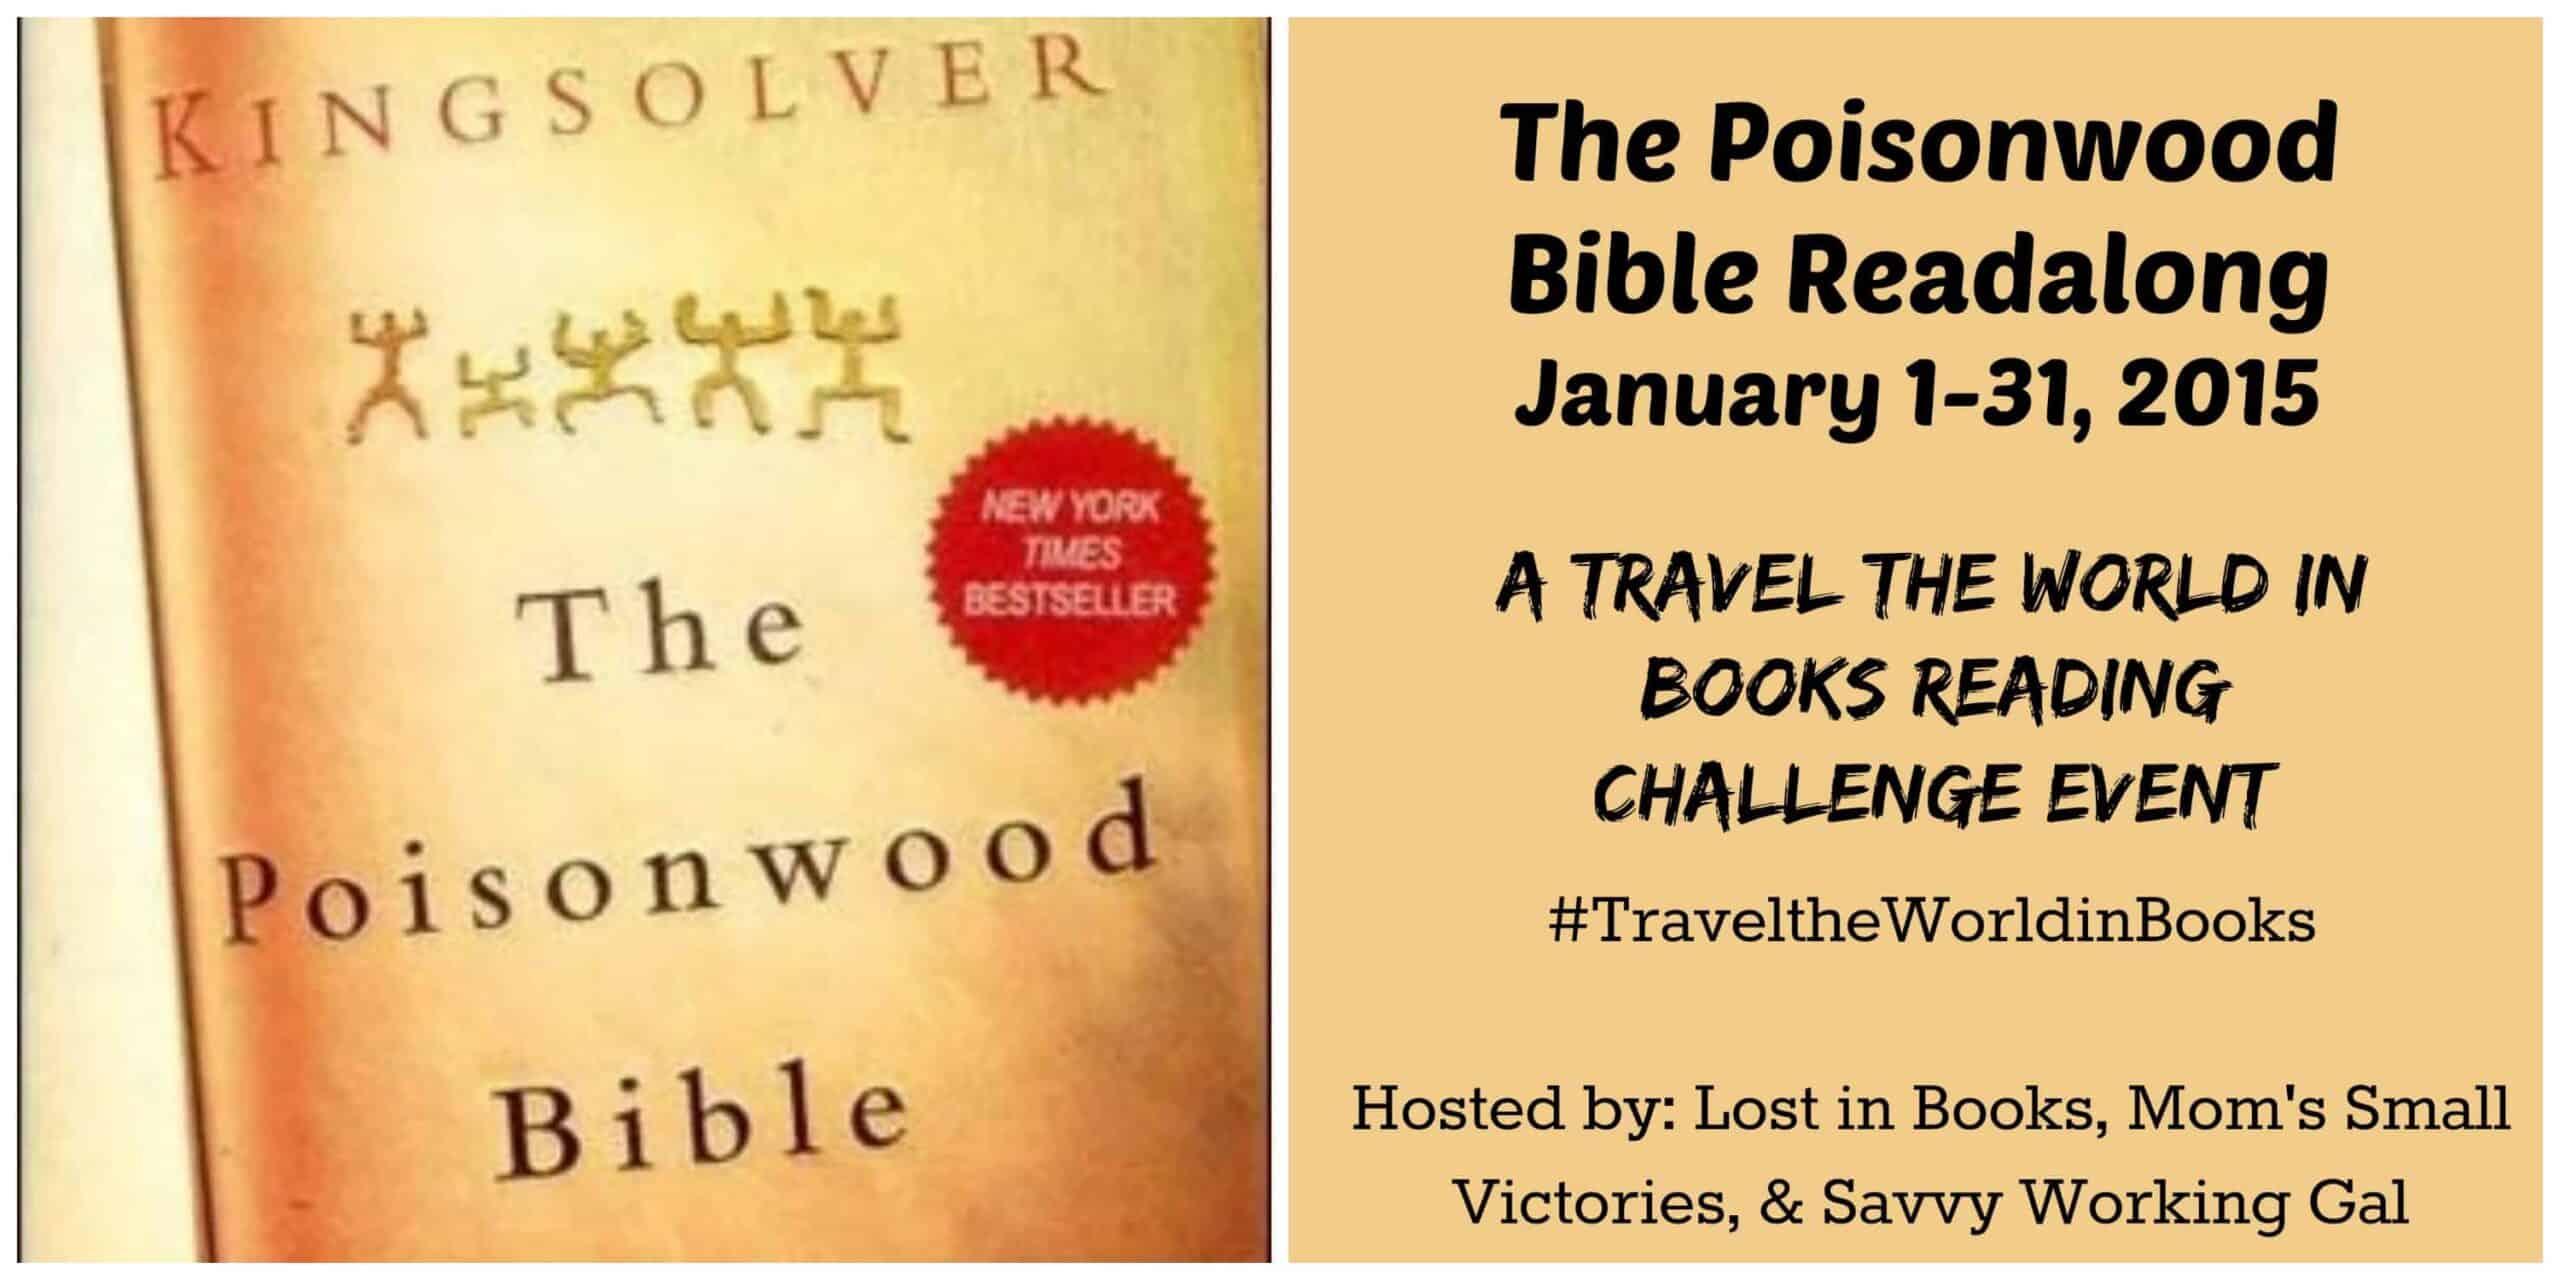 The Poisonwood Bible Readalong, January 2015